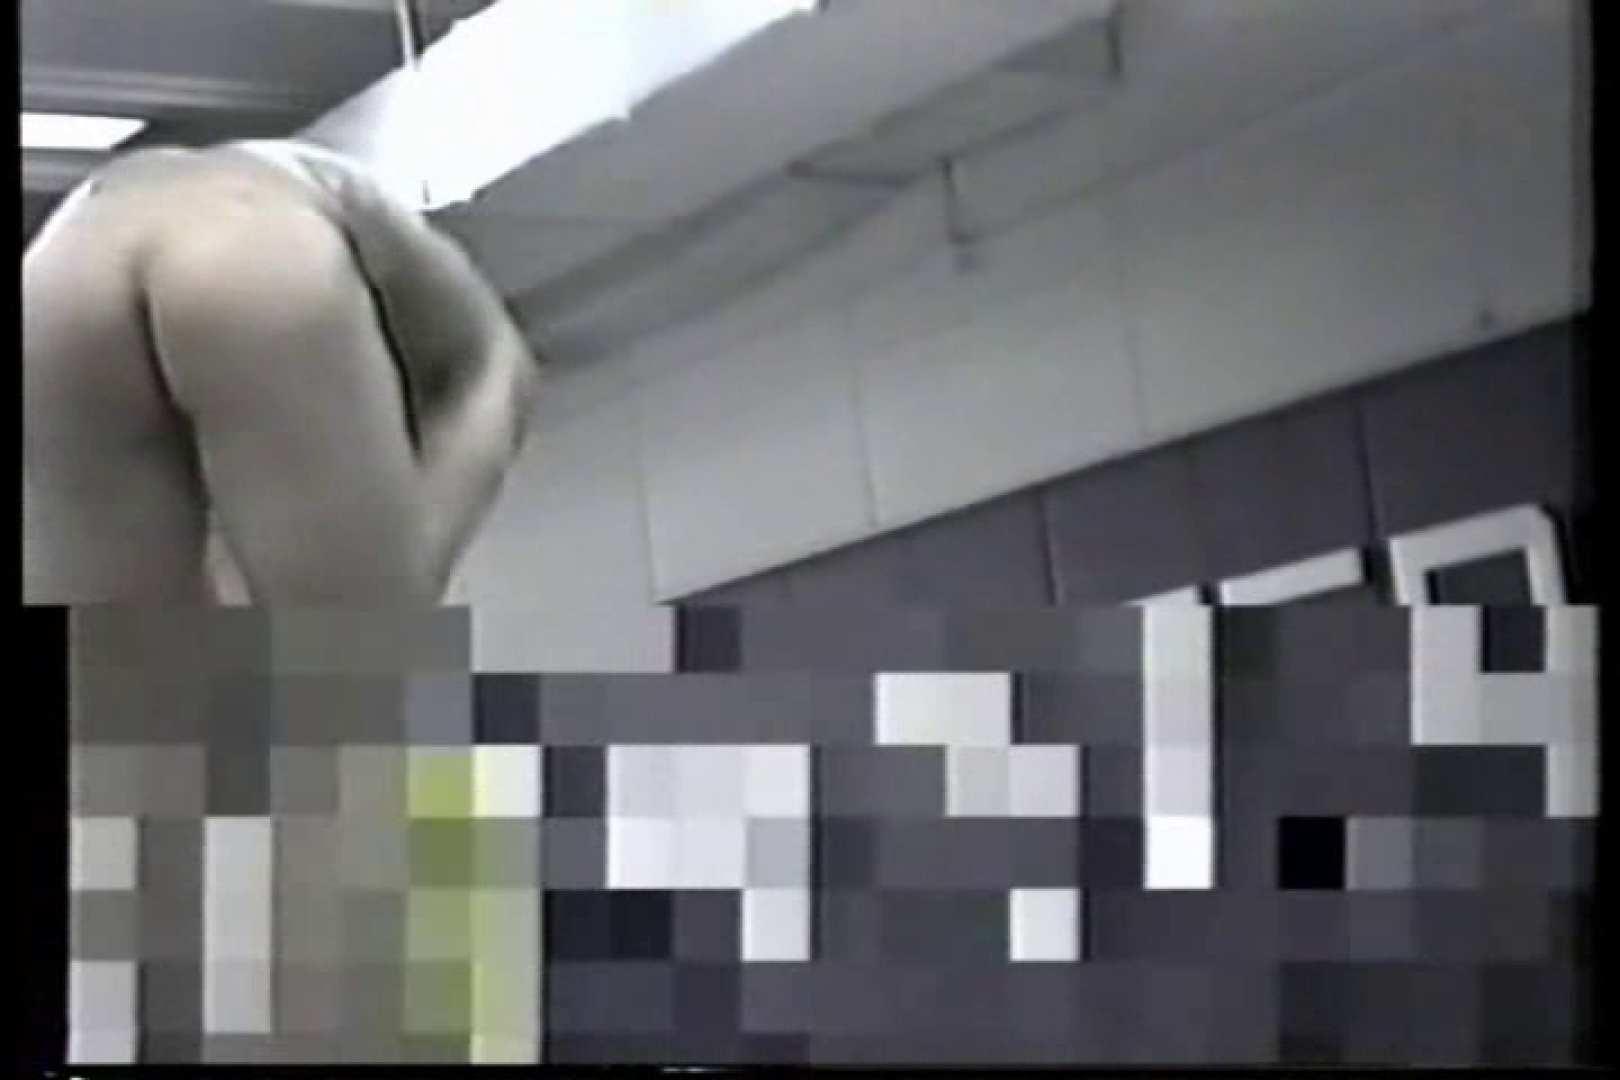 洋人さんの脱衣所を覗いてみました。VOL.1 ノンケ おちんちん画像 74枚 38